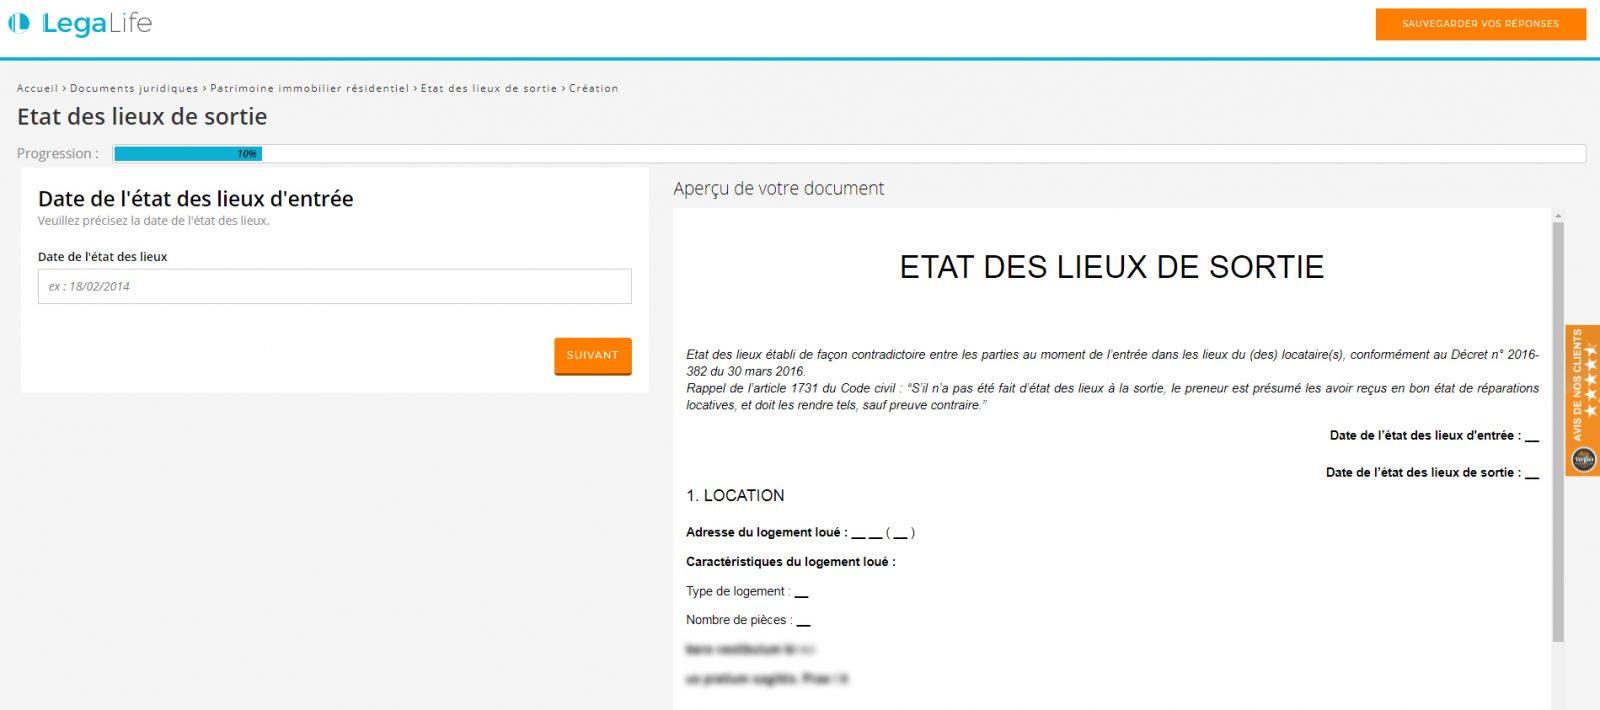 Legalife Documents Immobilier Etat Des Lieux